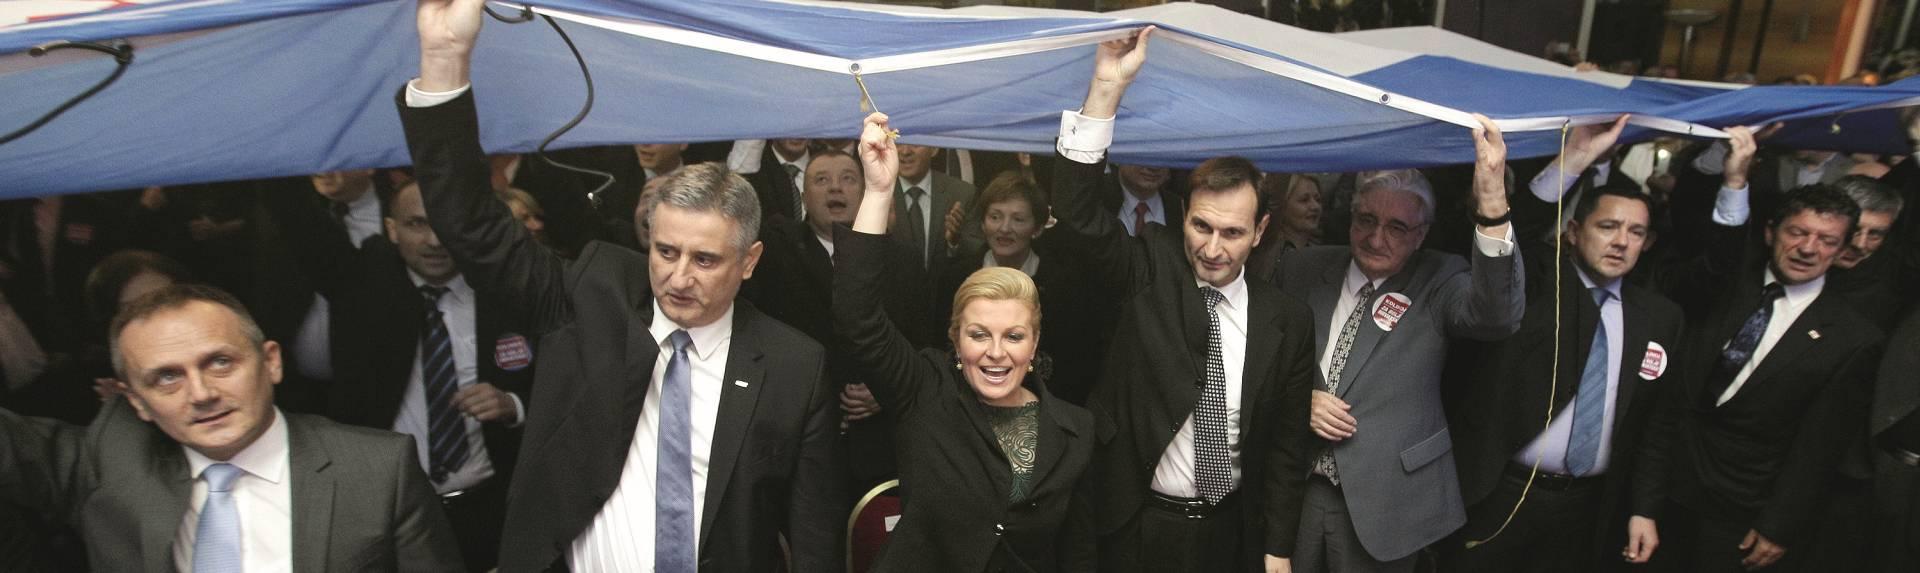 U NOVOM BROJU NACIONALA PROČITAJTE: Karamarko treba vratiti HDZ u desni centar